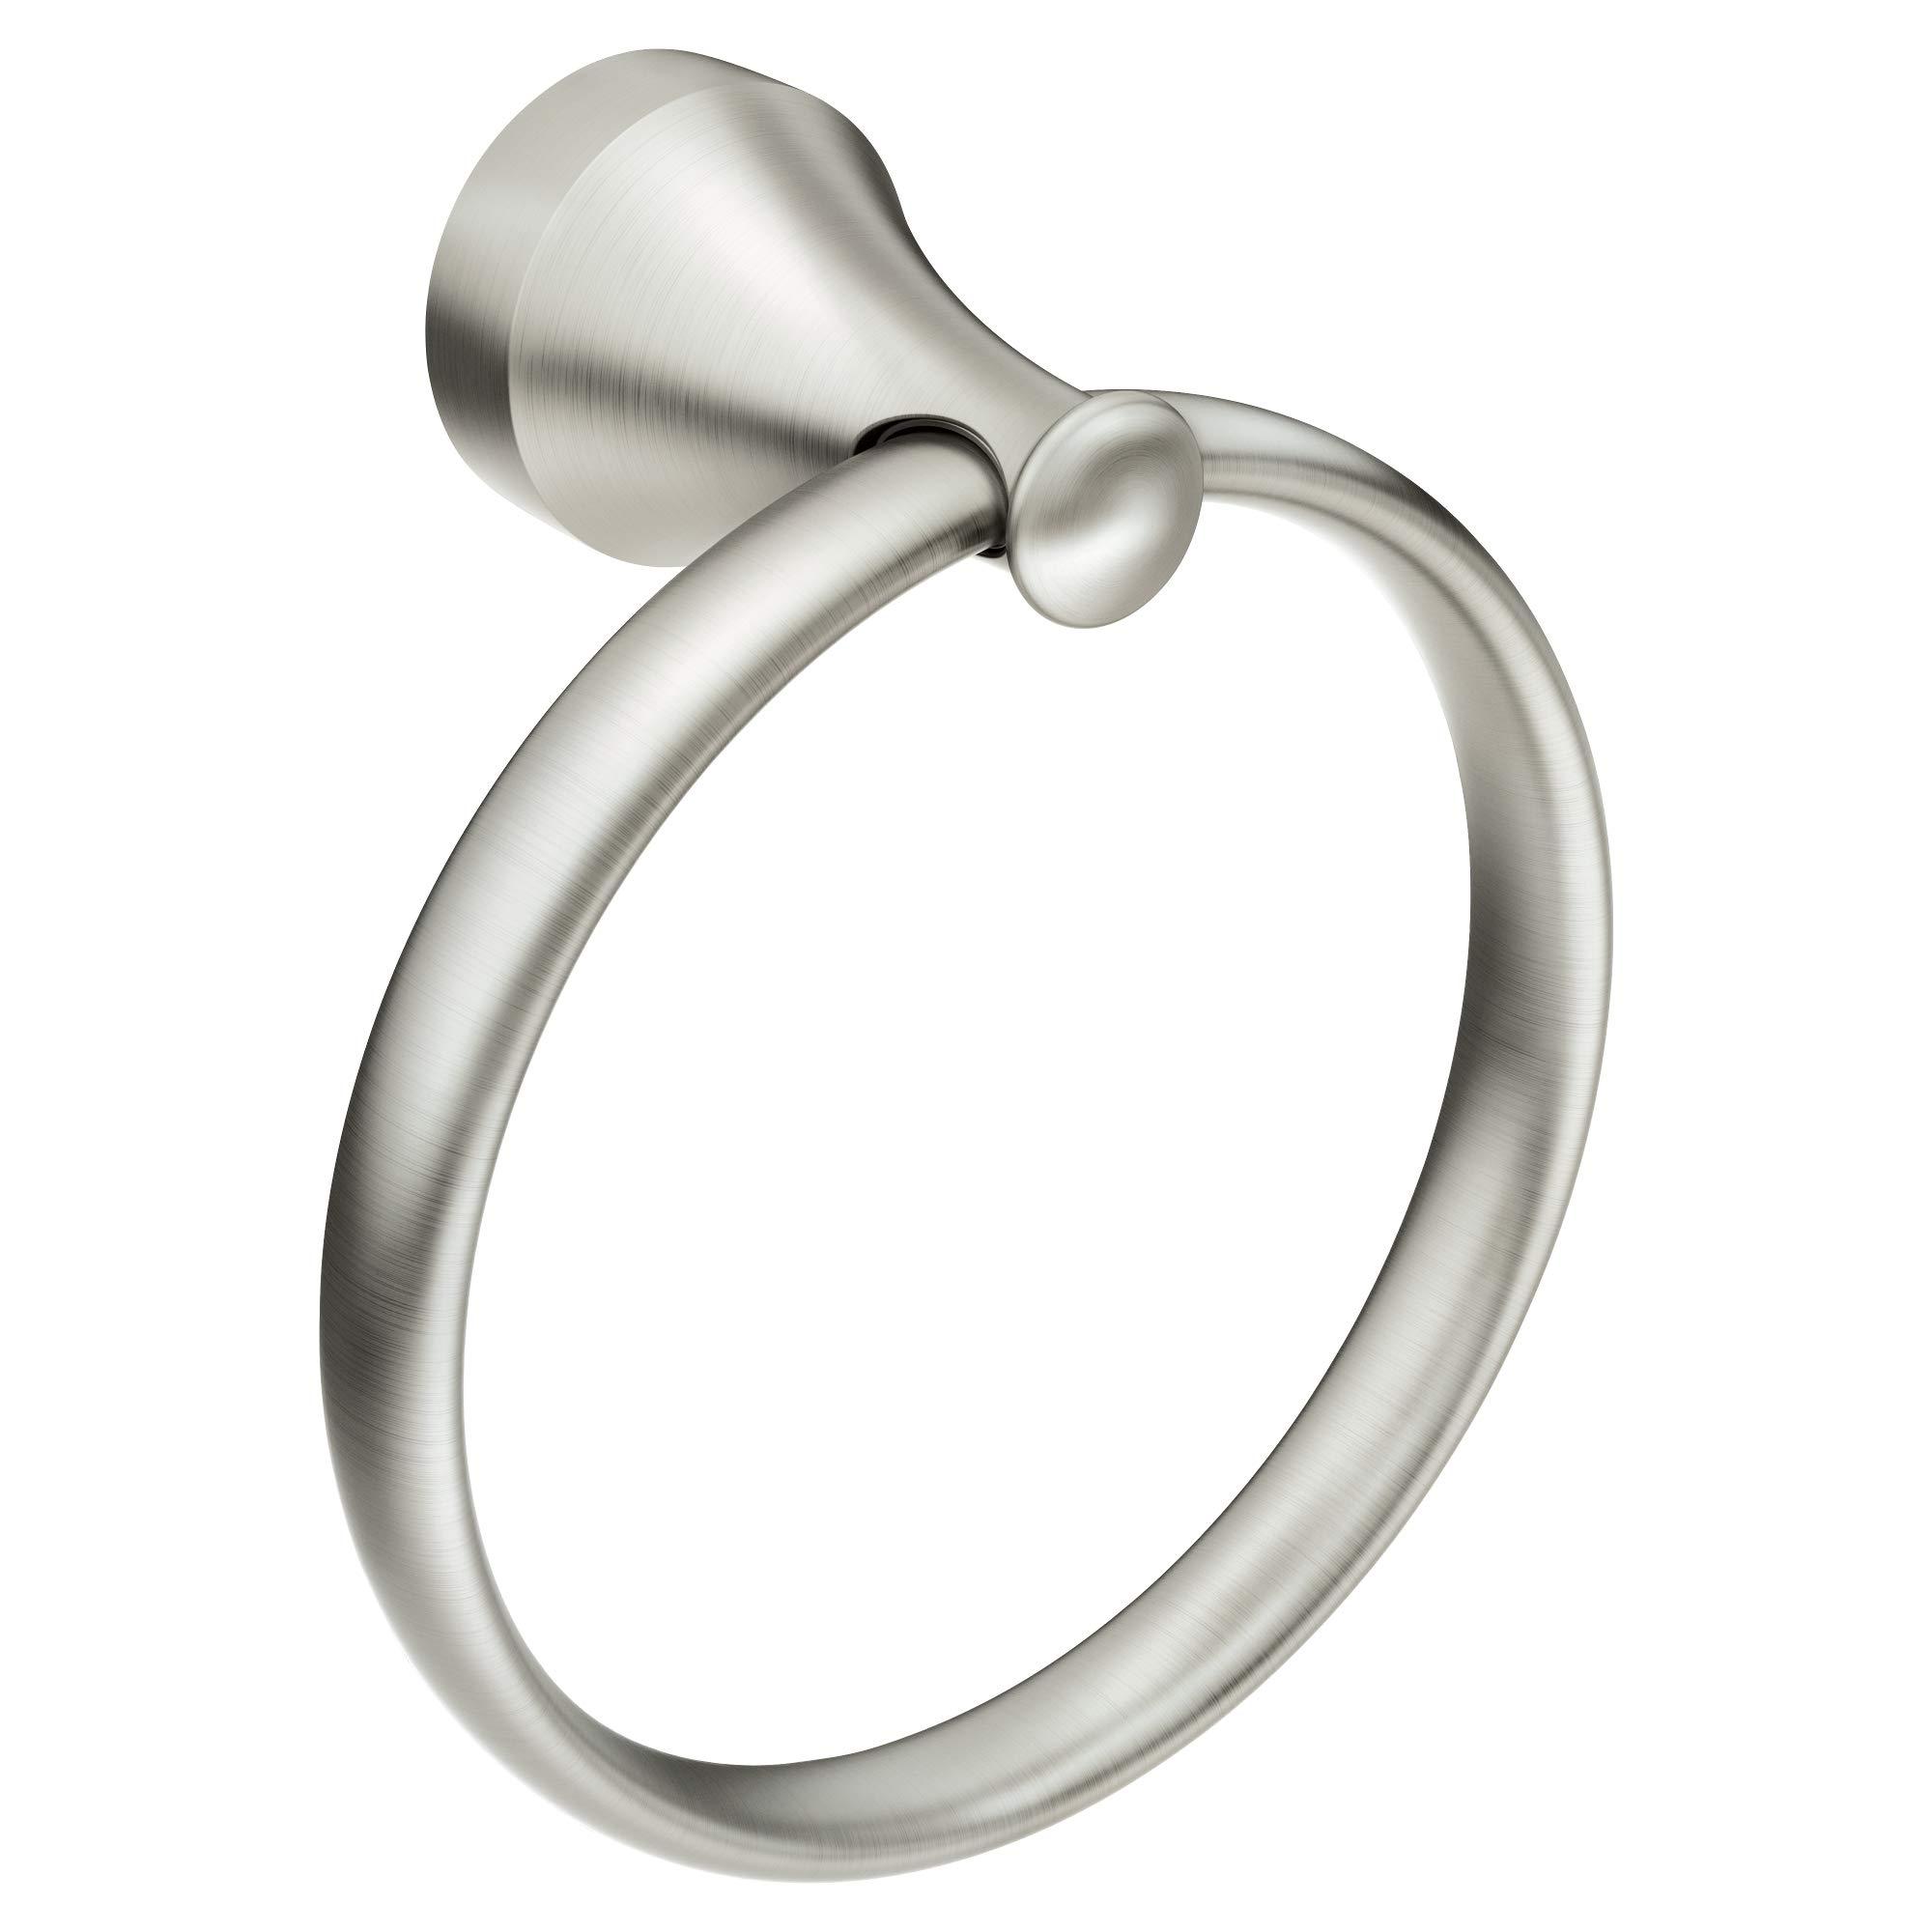 Moen MY6286BN Hamden Hand Towel Ring, Brushed Nickel